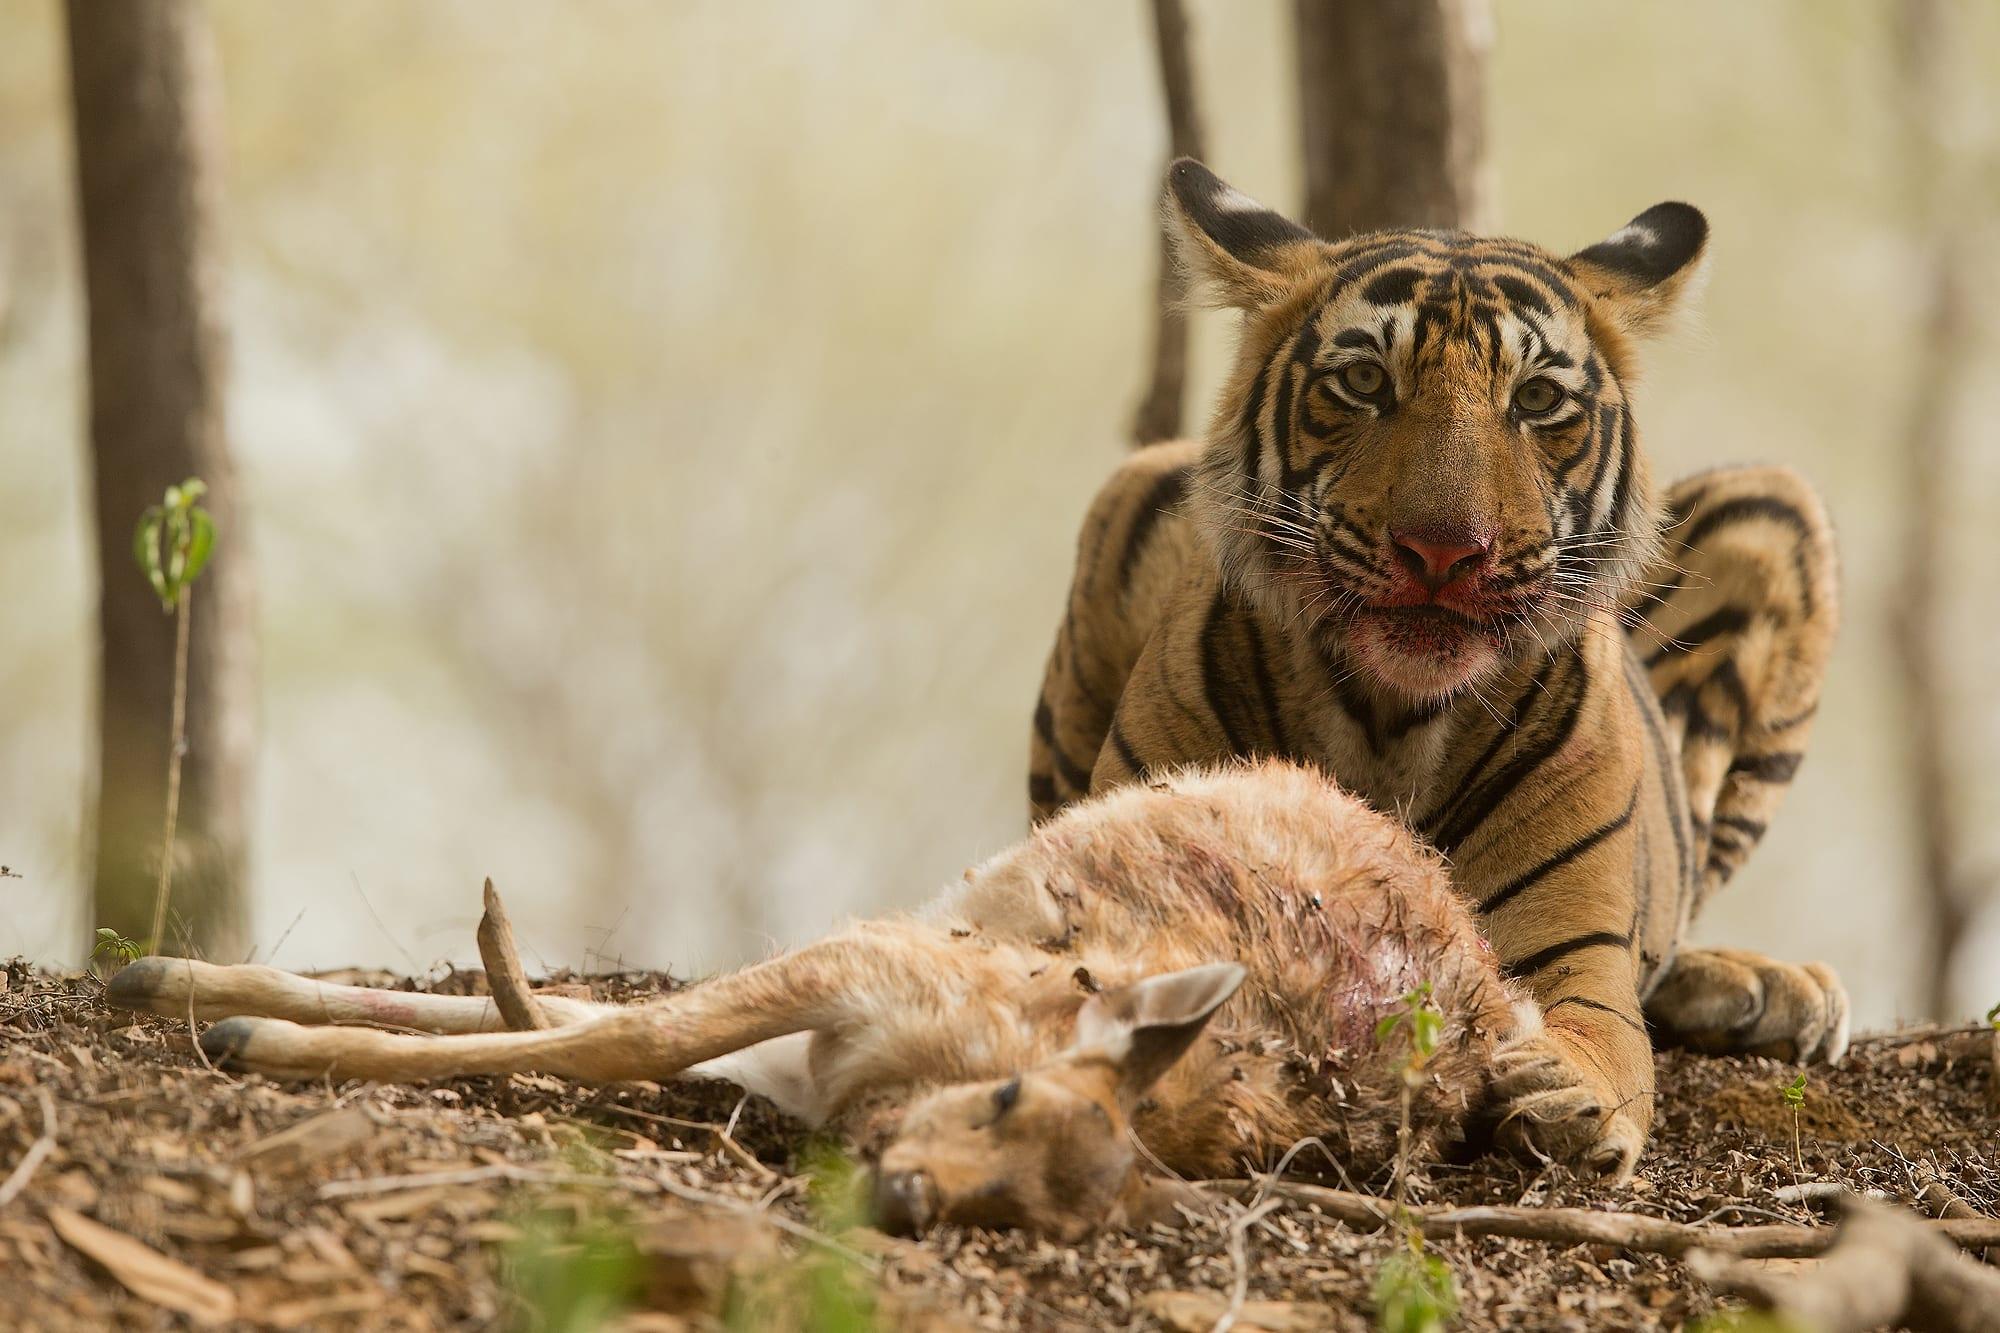 A sub-adult tiger's first kill at Ranthambore National Park. Photo: Shivang Mehta, 2015